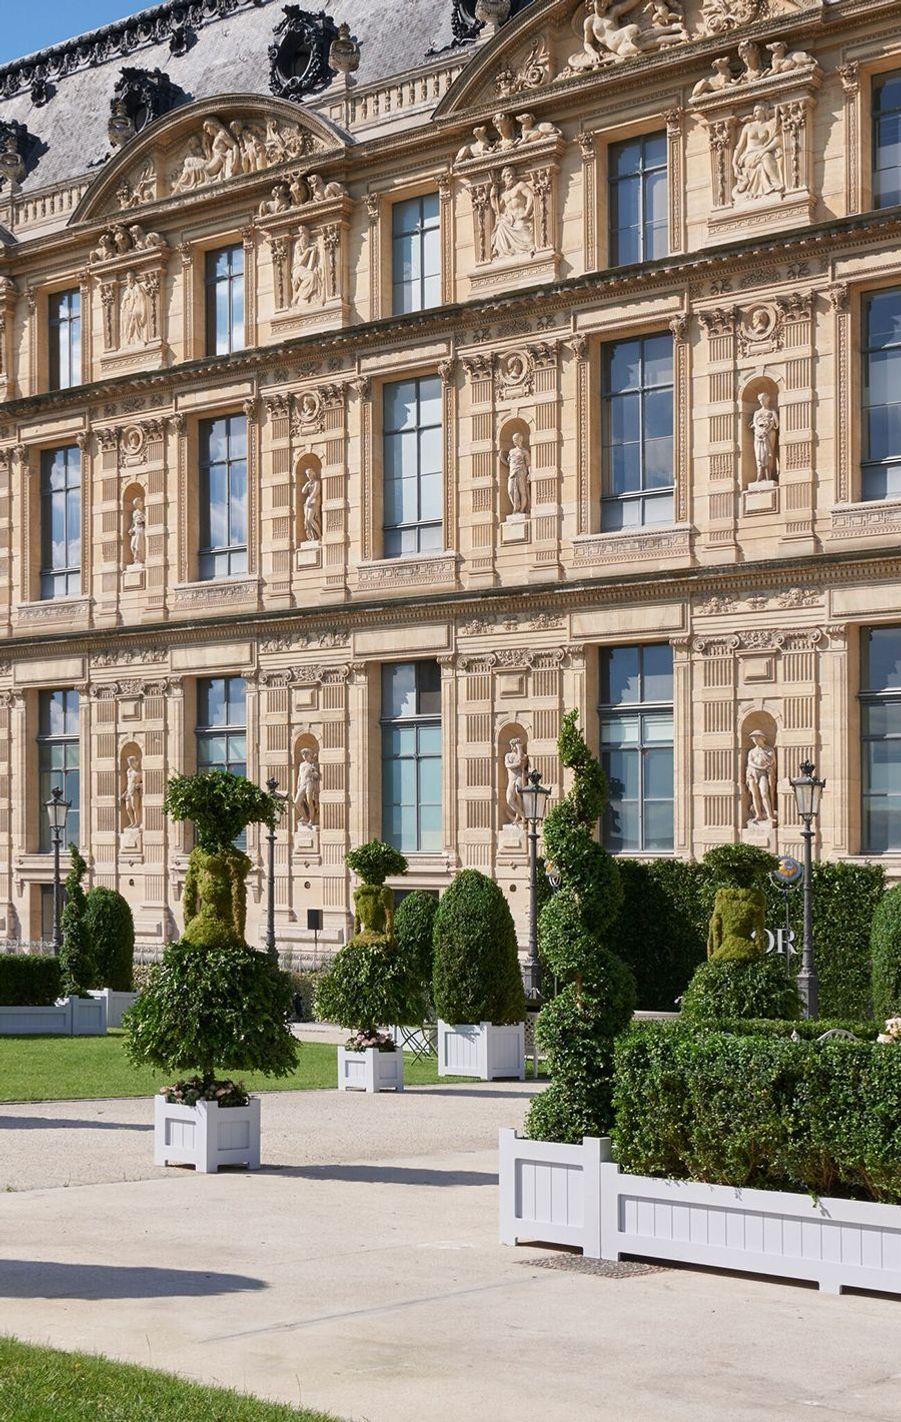 Inauguration de l'exposition Christian Dior, au musée des Arts décoratifs de Paris.